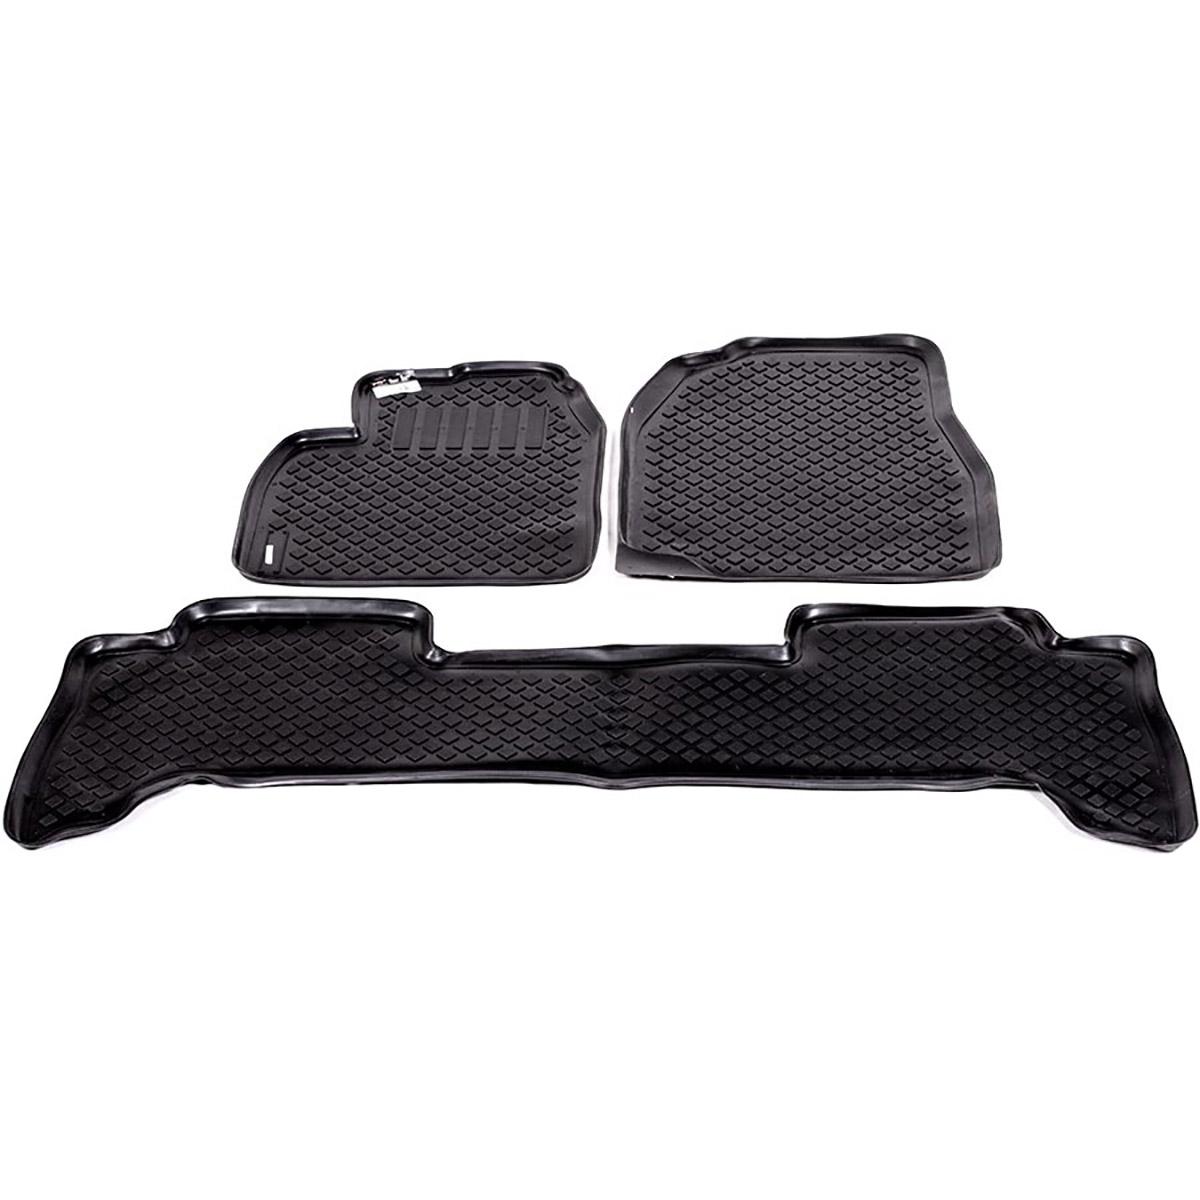 Коврики в салон Lexus LX 470 (98-07) полиуретанTER-160f BKКоврики производятся индивидуально для каждой модели автомобиля из современного и экологически чистого материала, точно повторяют геометрию пола автомобиля, имеют высокий борт от 3 см до 4 см., обладают повышенной износоустойчивостью, антискользящими свойствами, лишены резкого запаха, сохраняют свои потребительские свойства в широком диапазоне температур (-50 +80 С)